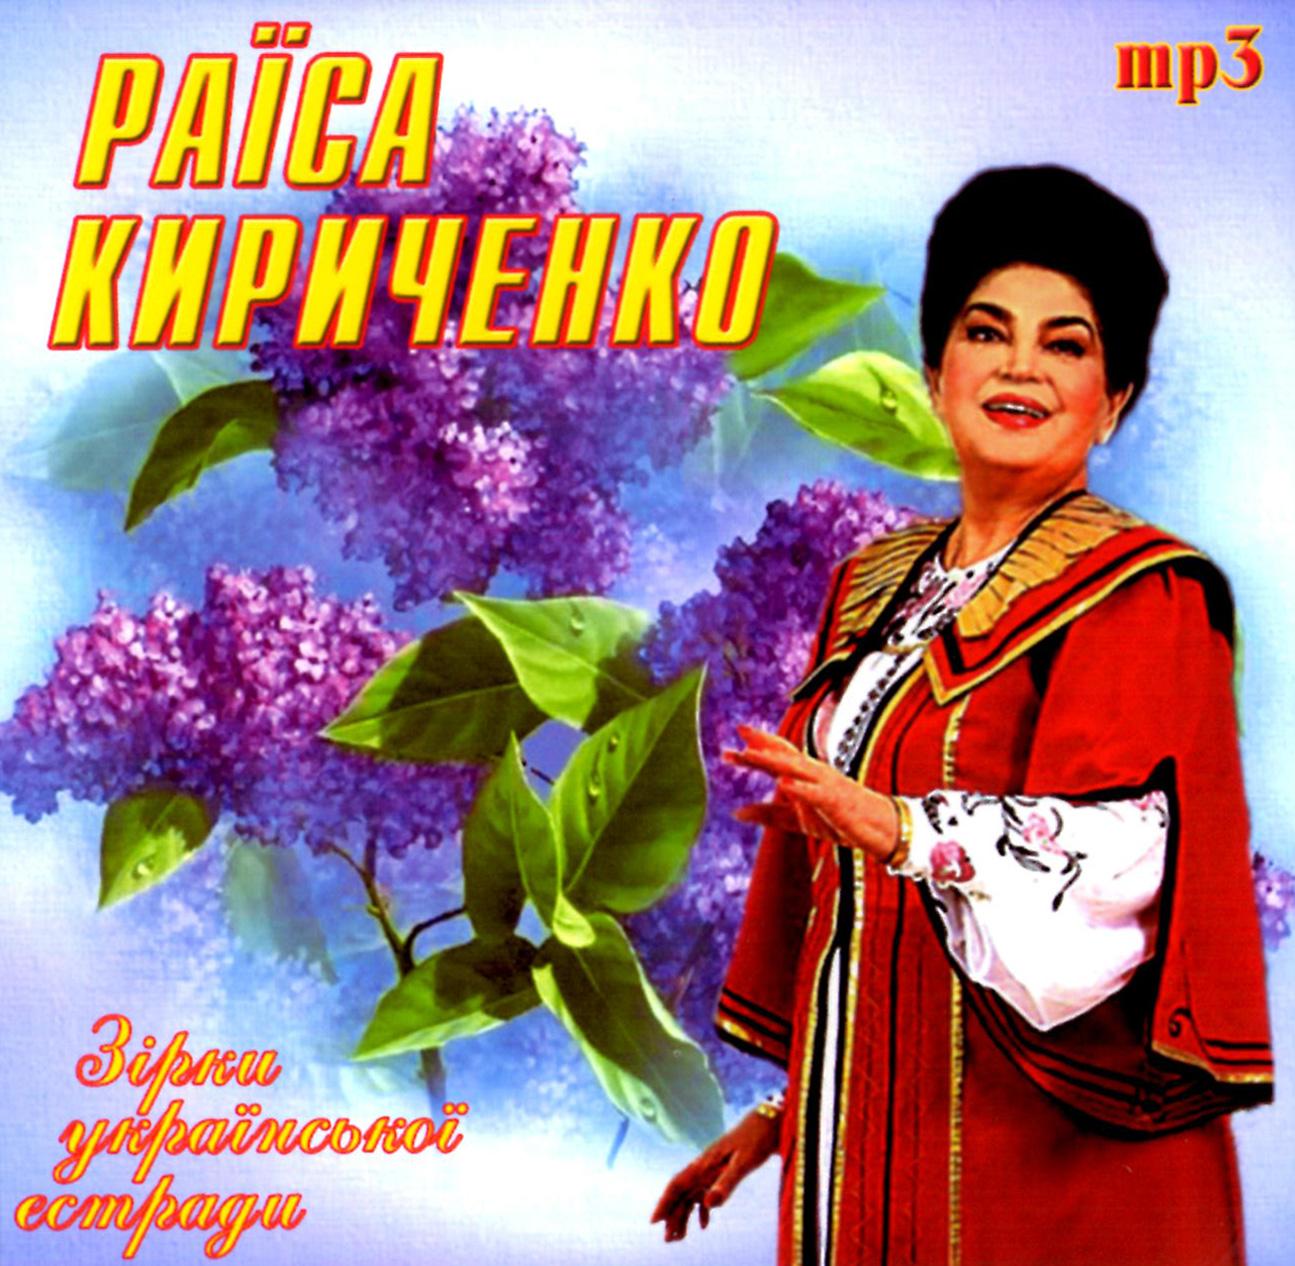 Раїса Кириченко [mp3]